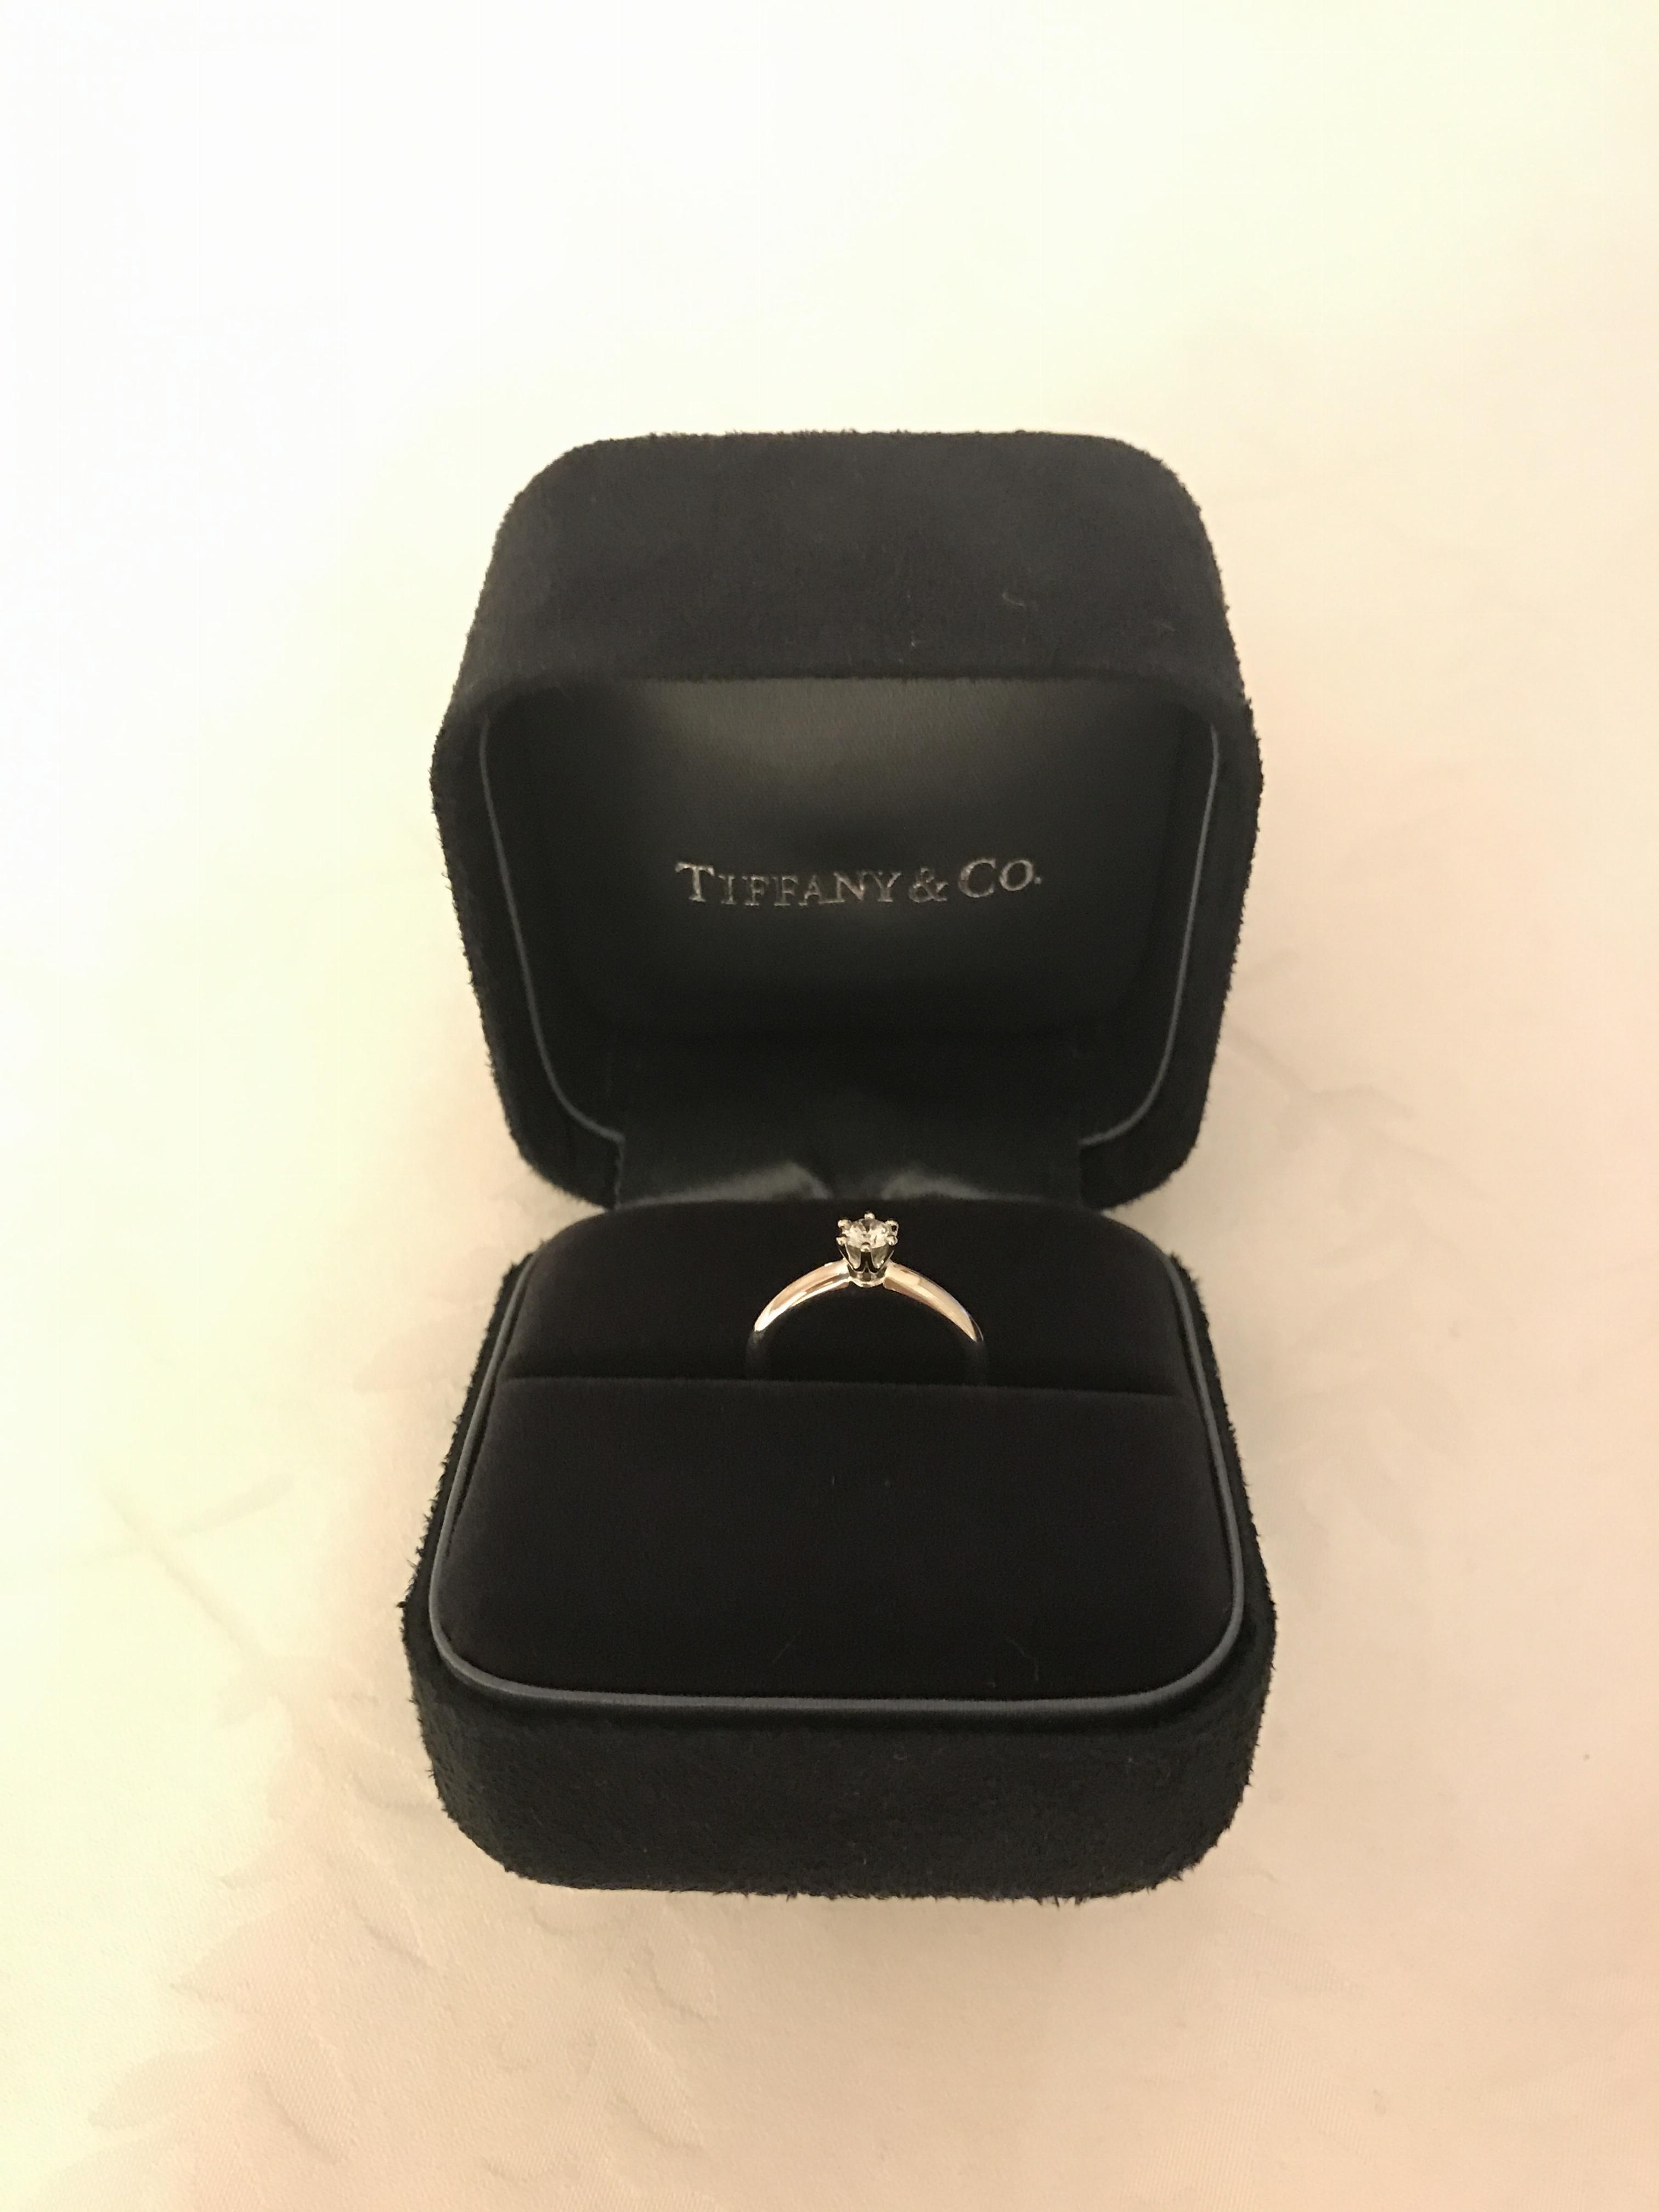 婚約指輪のおすすめブランド特集 - ティファニー、カルティエ、ディオールなどエンゲージリングまとめ_10